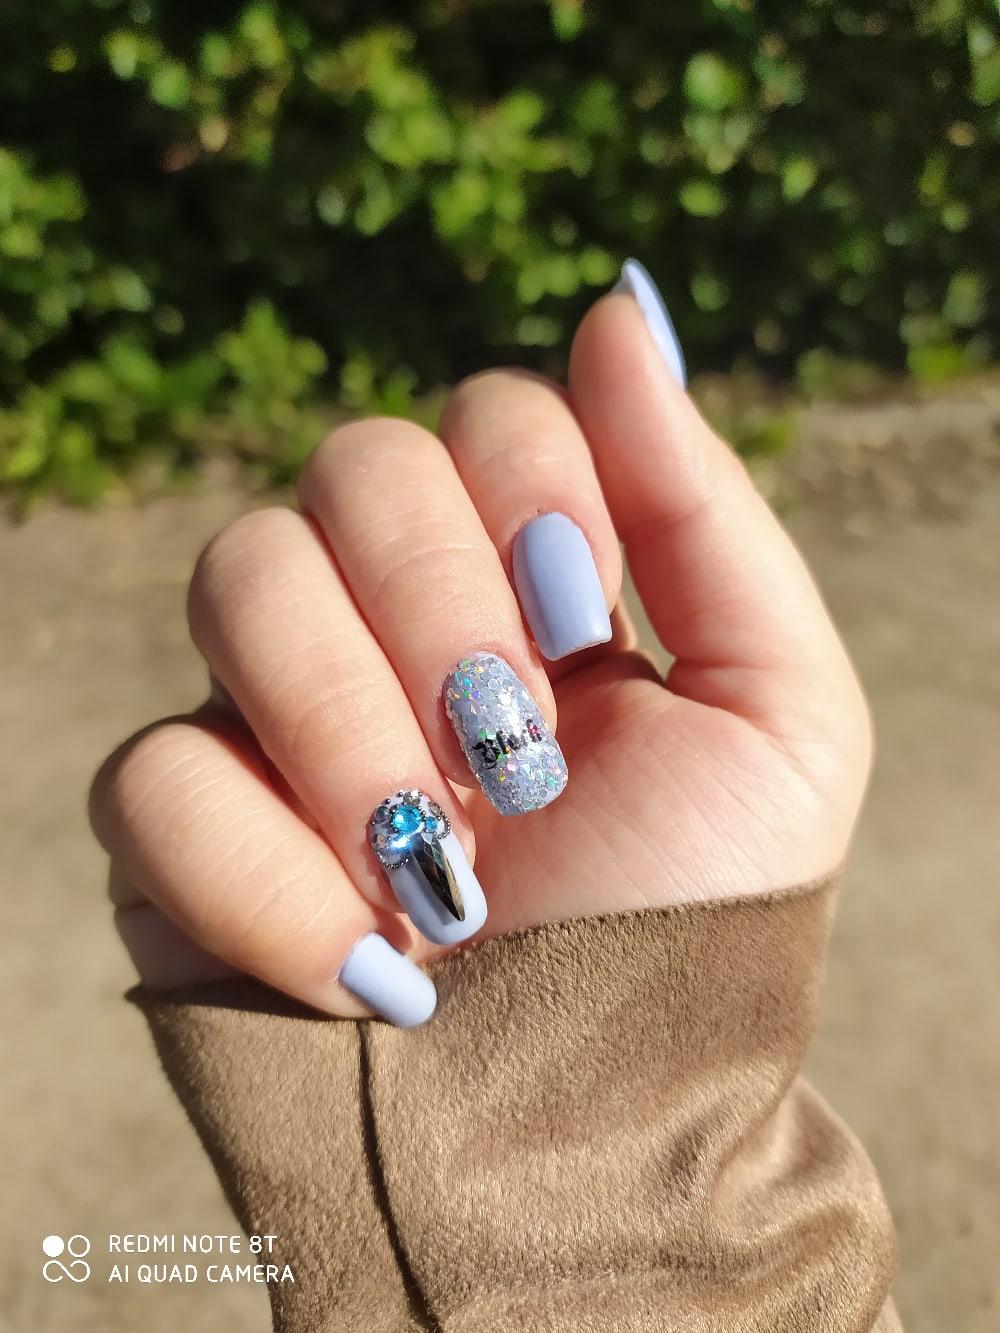 Маникюр с блестками, стразами и надписями в пастельных тонах на короткие ногти.